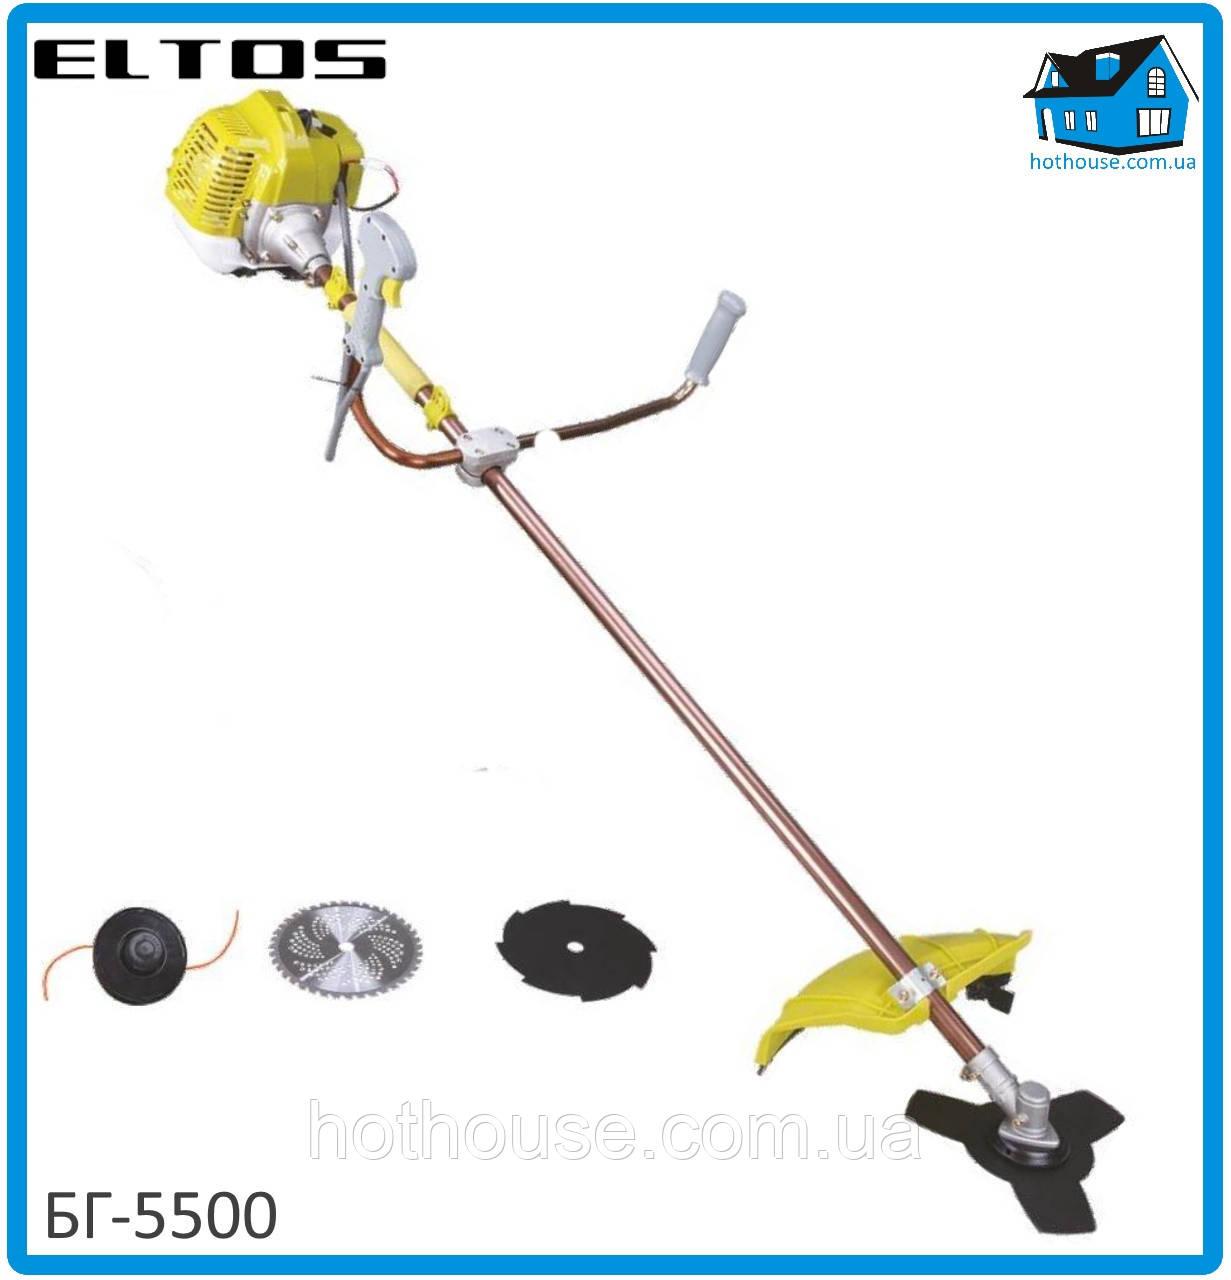 Бензокоса Eltos БГ-5500 (3 ножа+ 1 шпуля с леской)